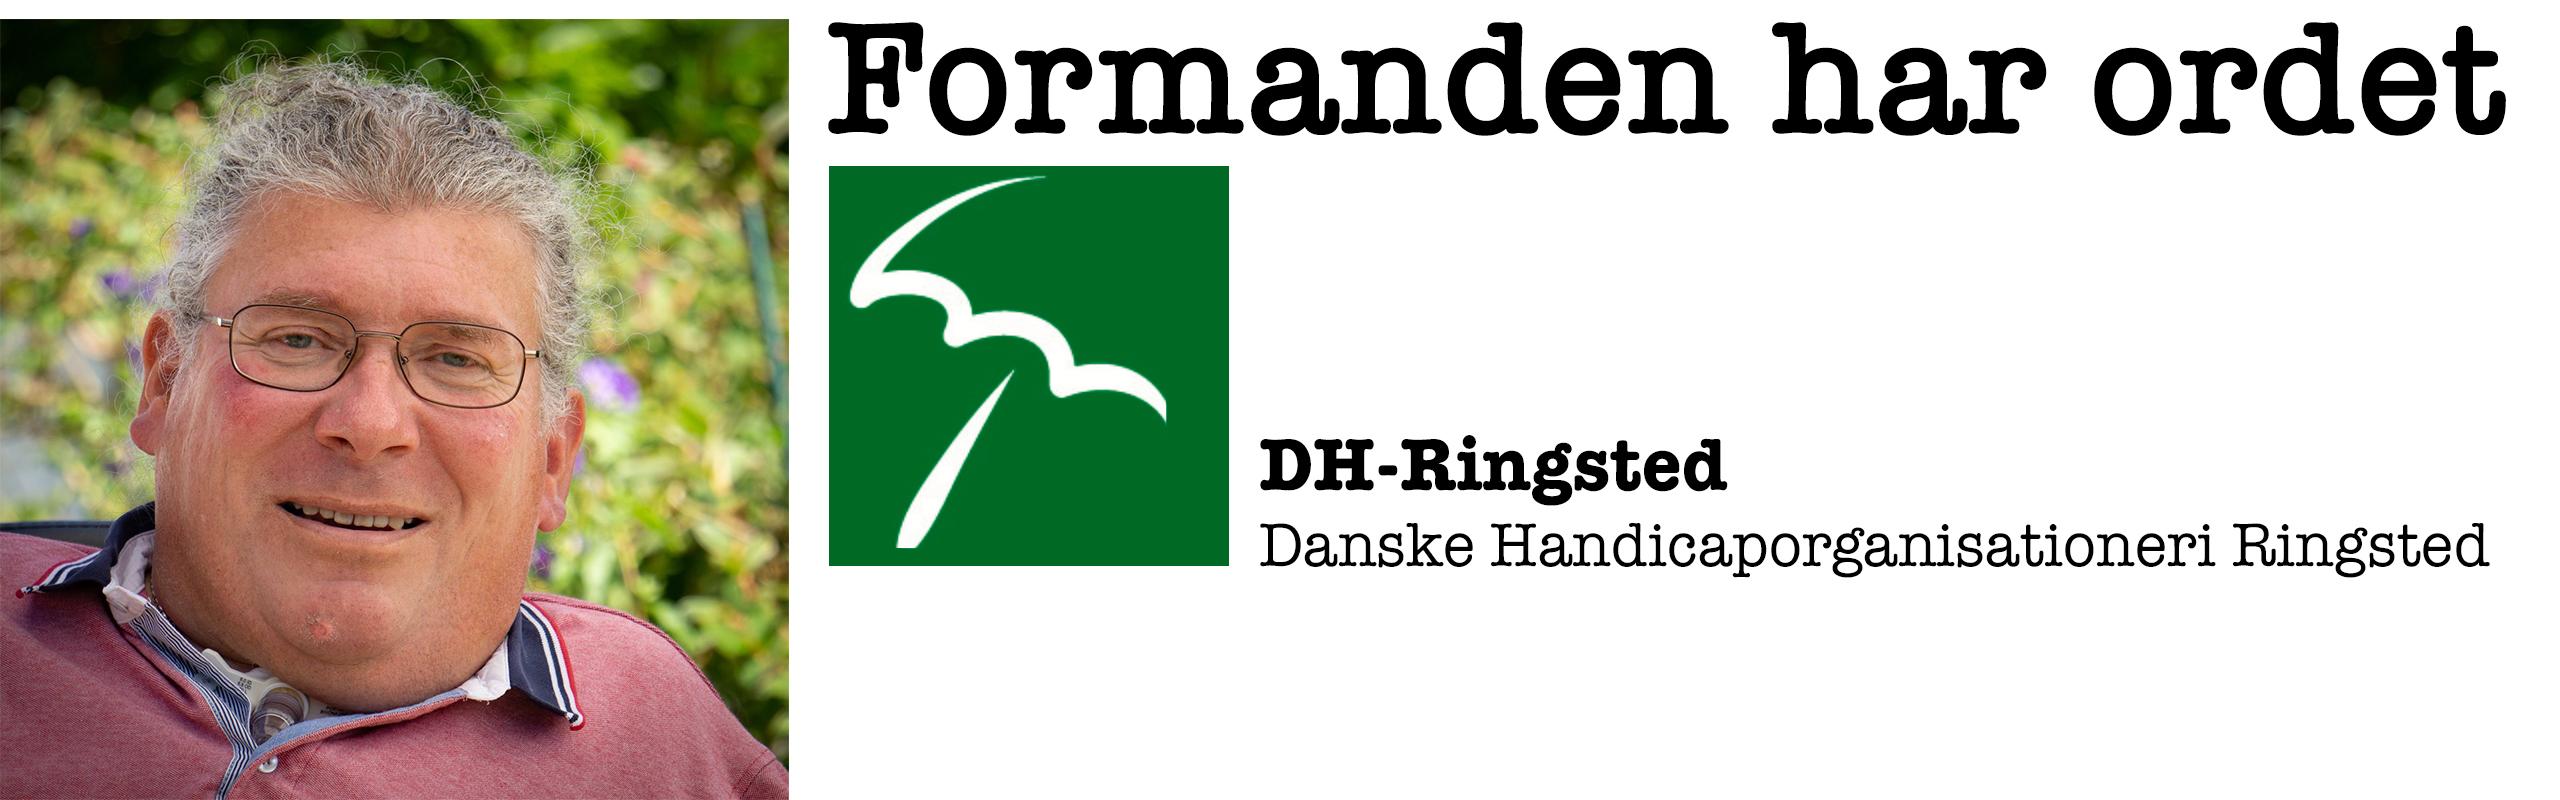 Formanden har ordet - DH-Ringsted Danske Handicaporganisationer i Ringsted